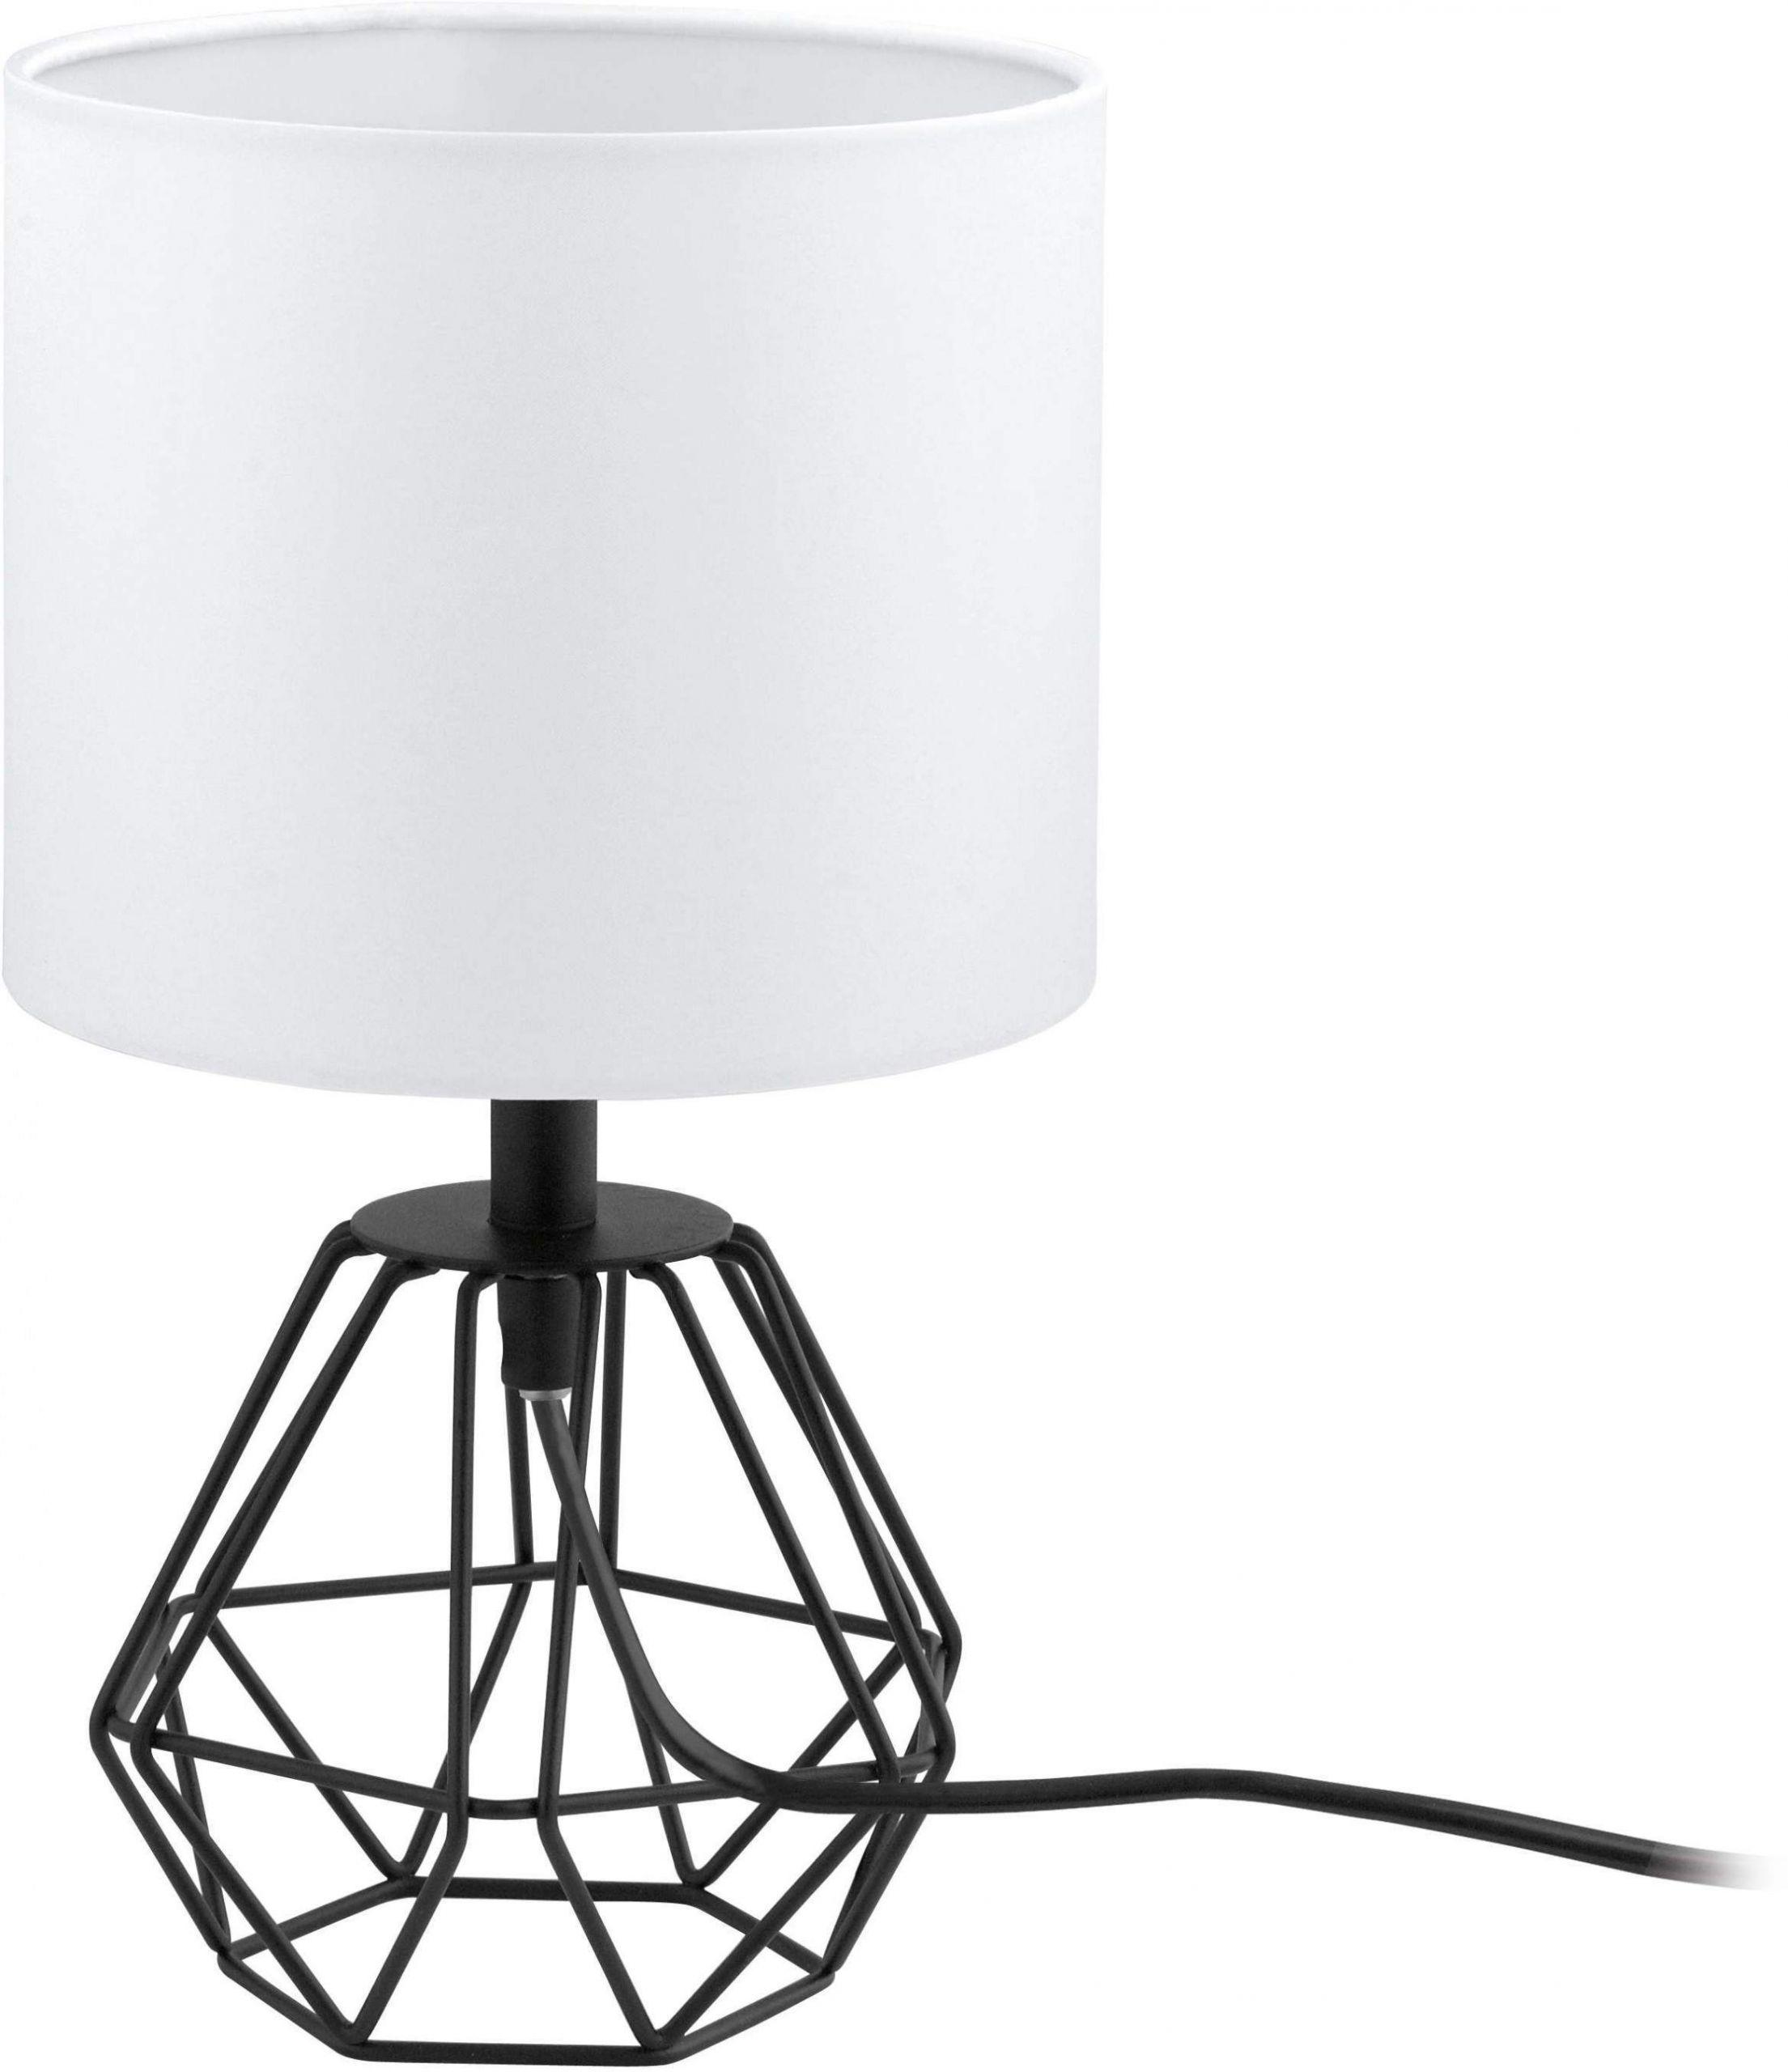 Full Size of Tischlampe Wohnzimmer Holz Dimmbar Amazon Lampe Led Ikea Modern Ebay Das Beste Von Inspirierend Deckenleuchten Deckenstrahler Teppich Bilder Xxl Fototapeten Wohnzimmer Wohnzimmer Tischlampe